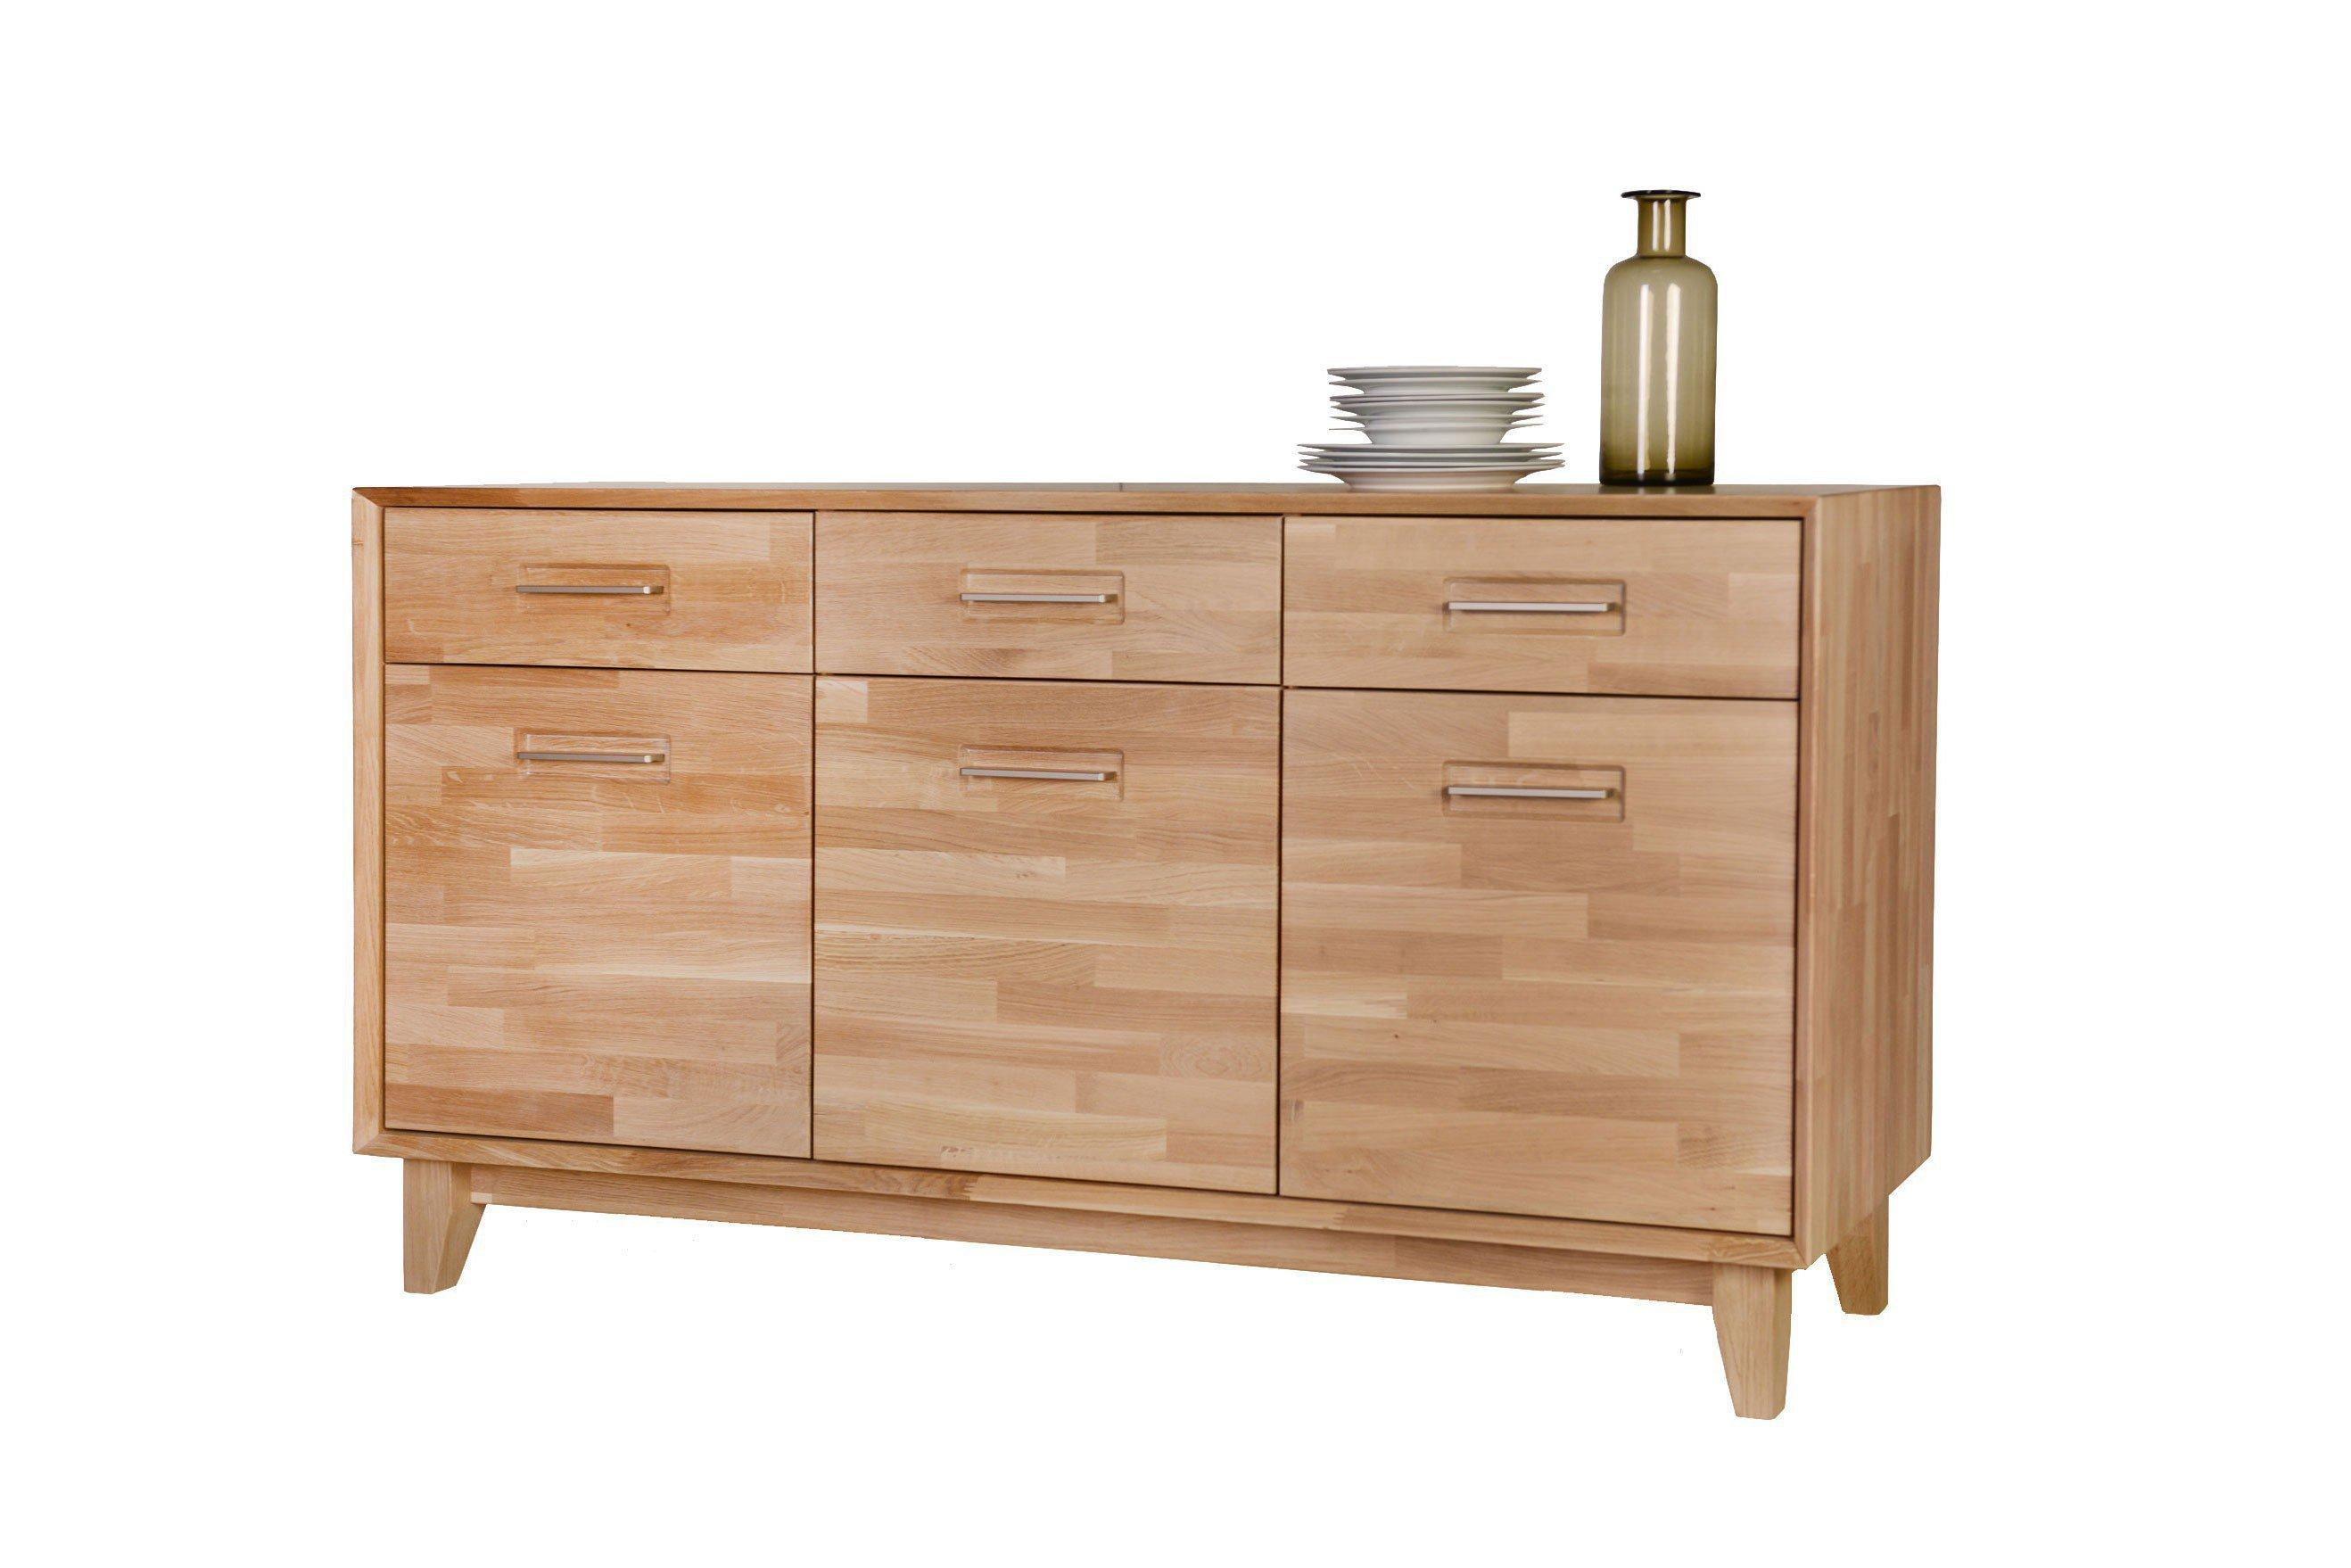 Cool Sideboard Mit Füßen Das Beste Von Numero Uno Von Standard Furniture - In